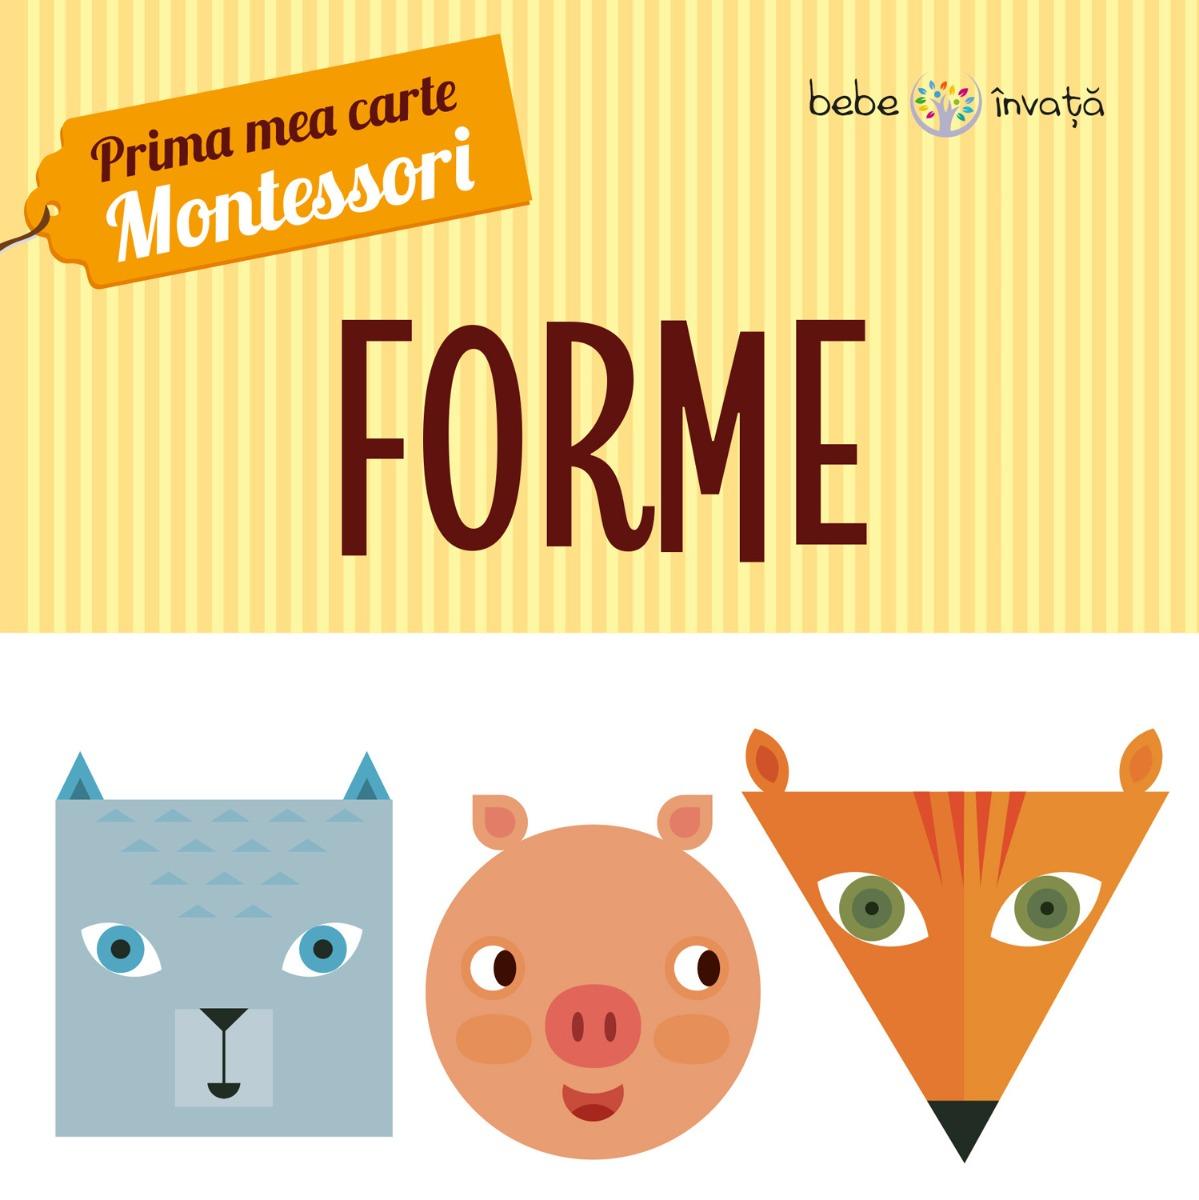 Prima mea carte Montessori - Forme